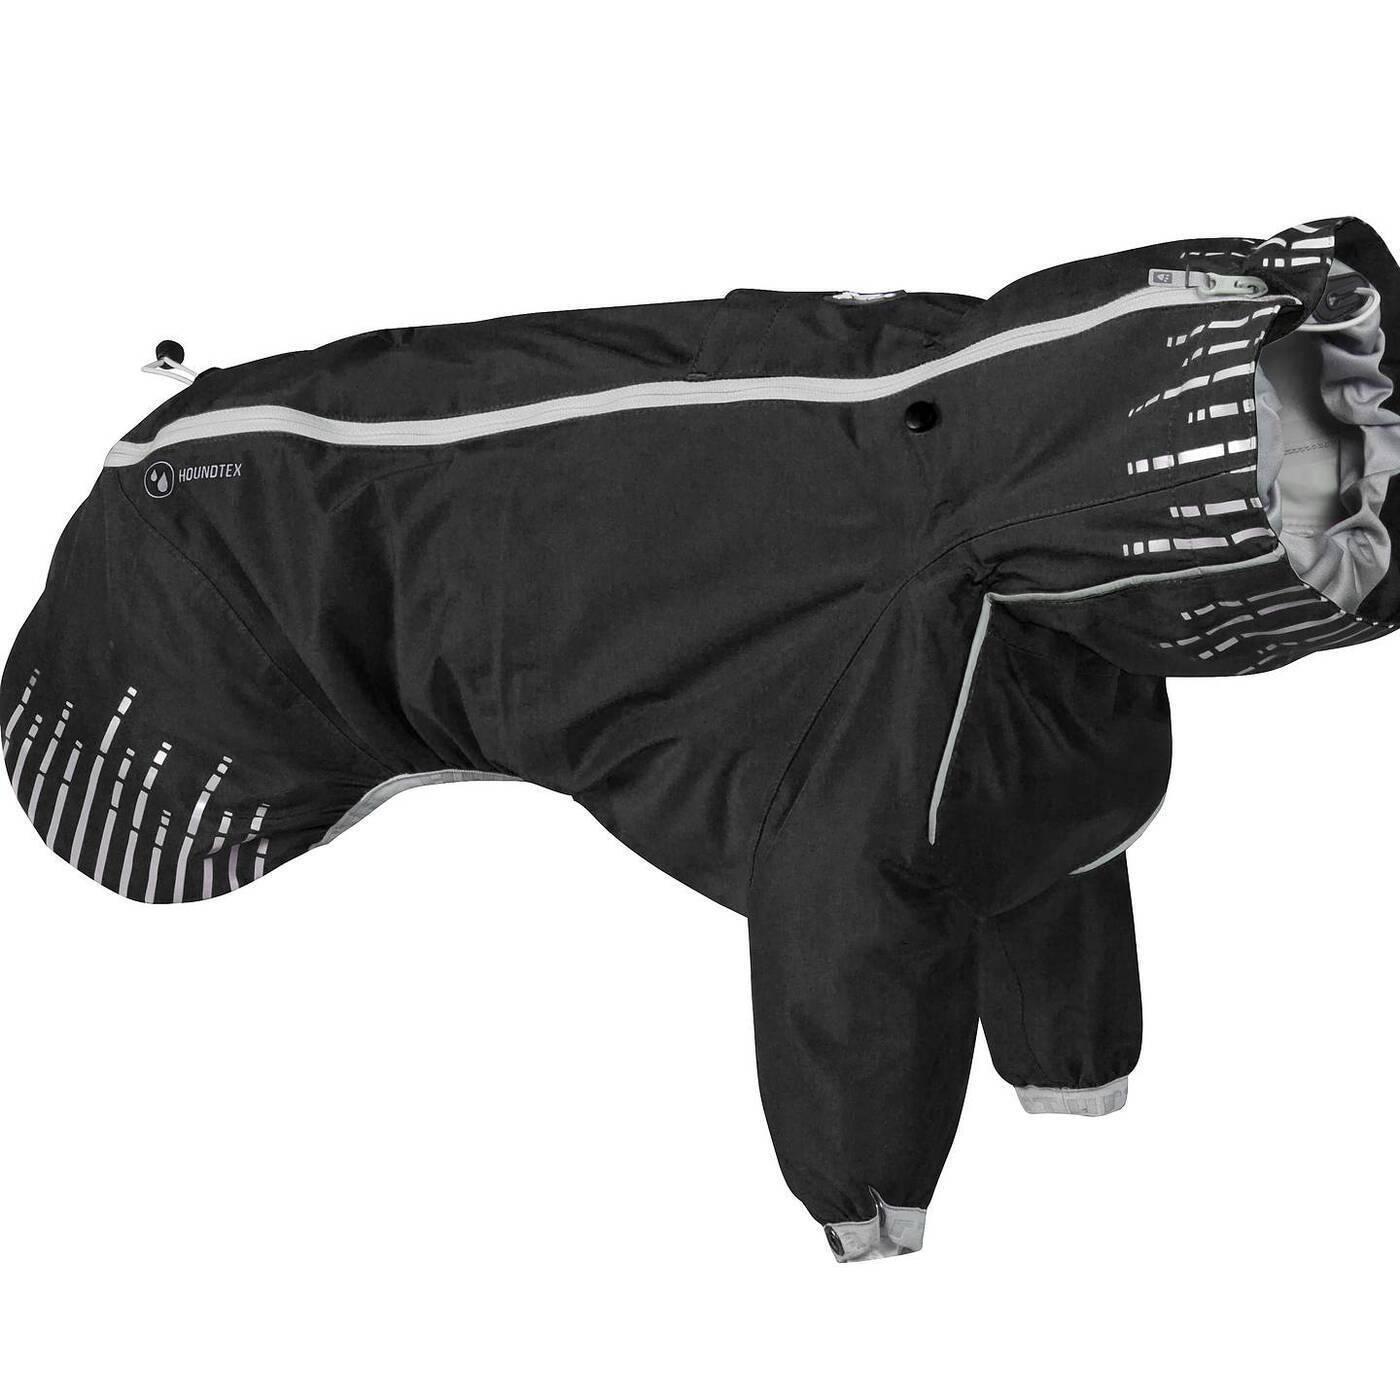 933095 Комбинезон для собак Hurtta Downpour Suit 50L Чёрный